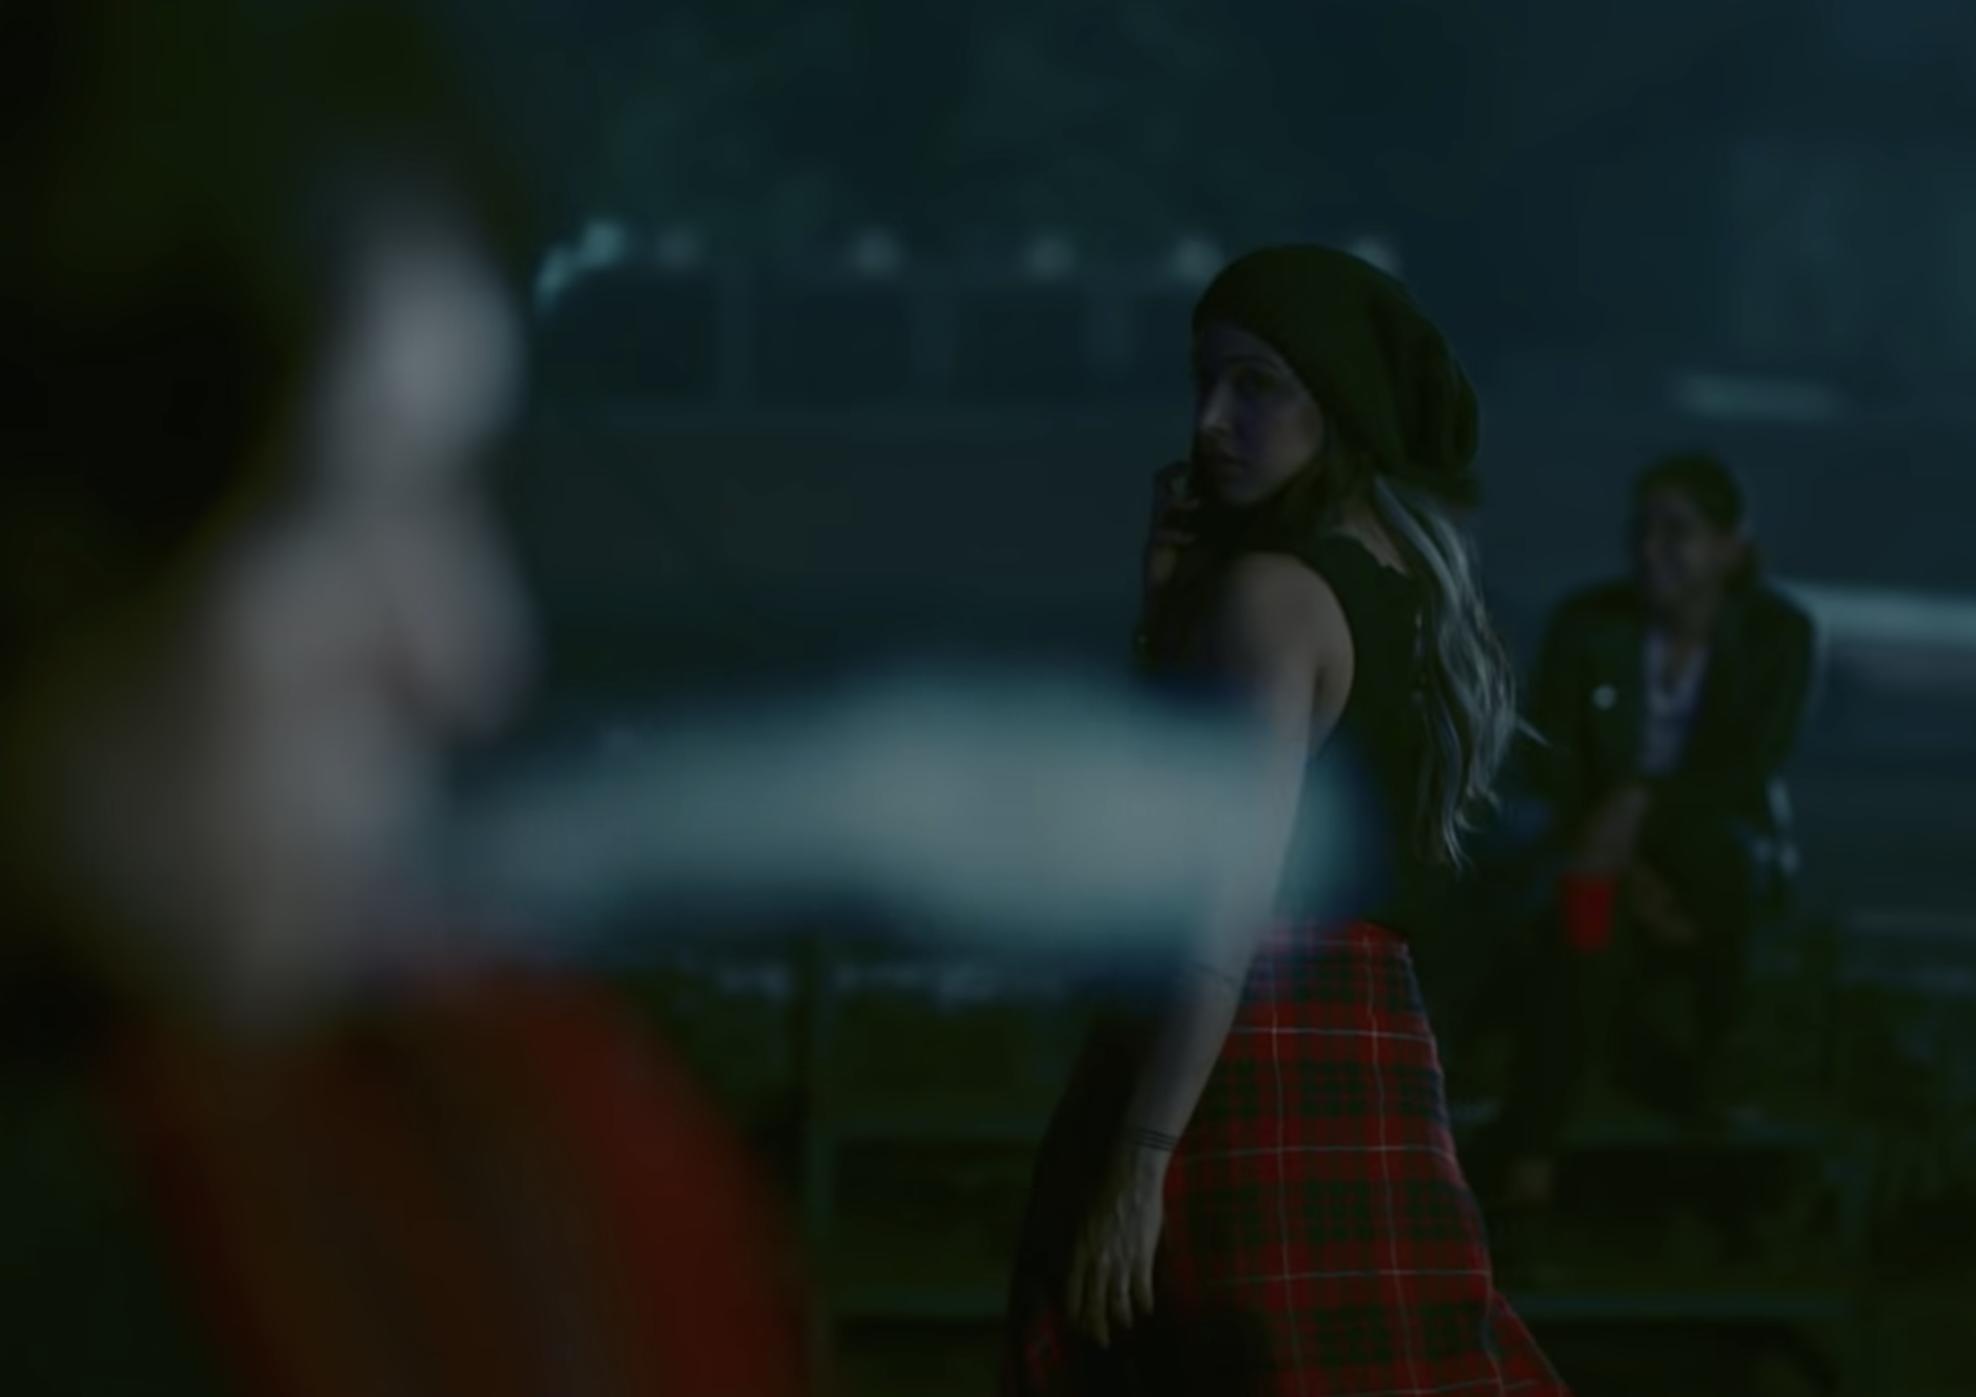 Kiara Advani in the film Guilty